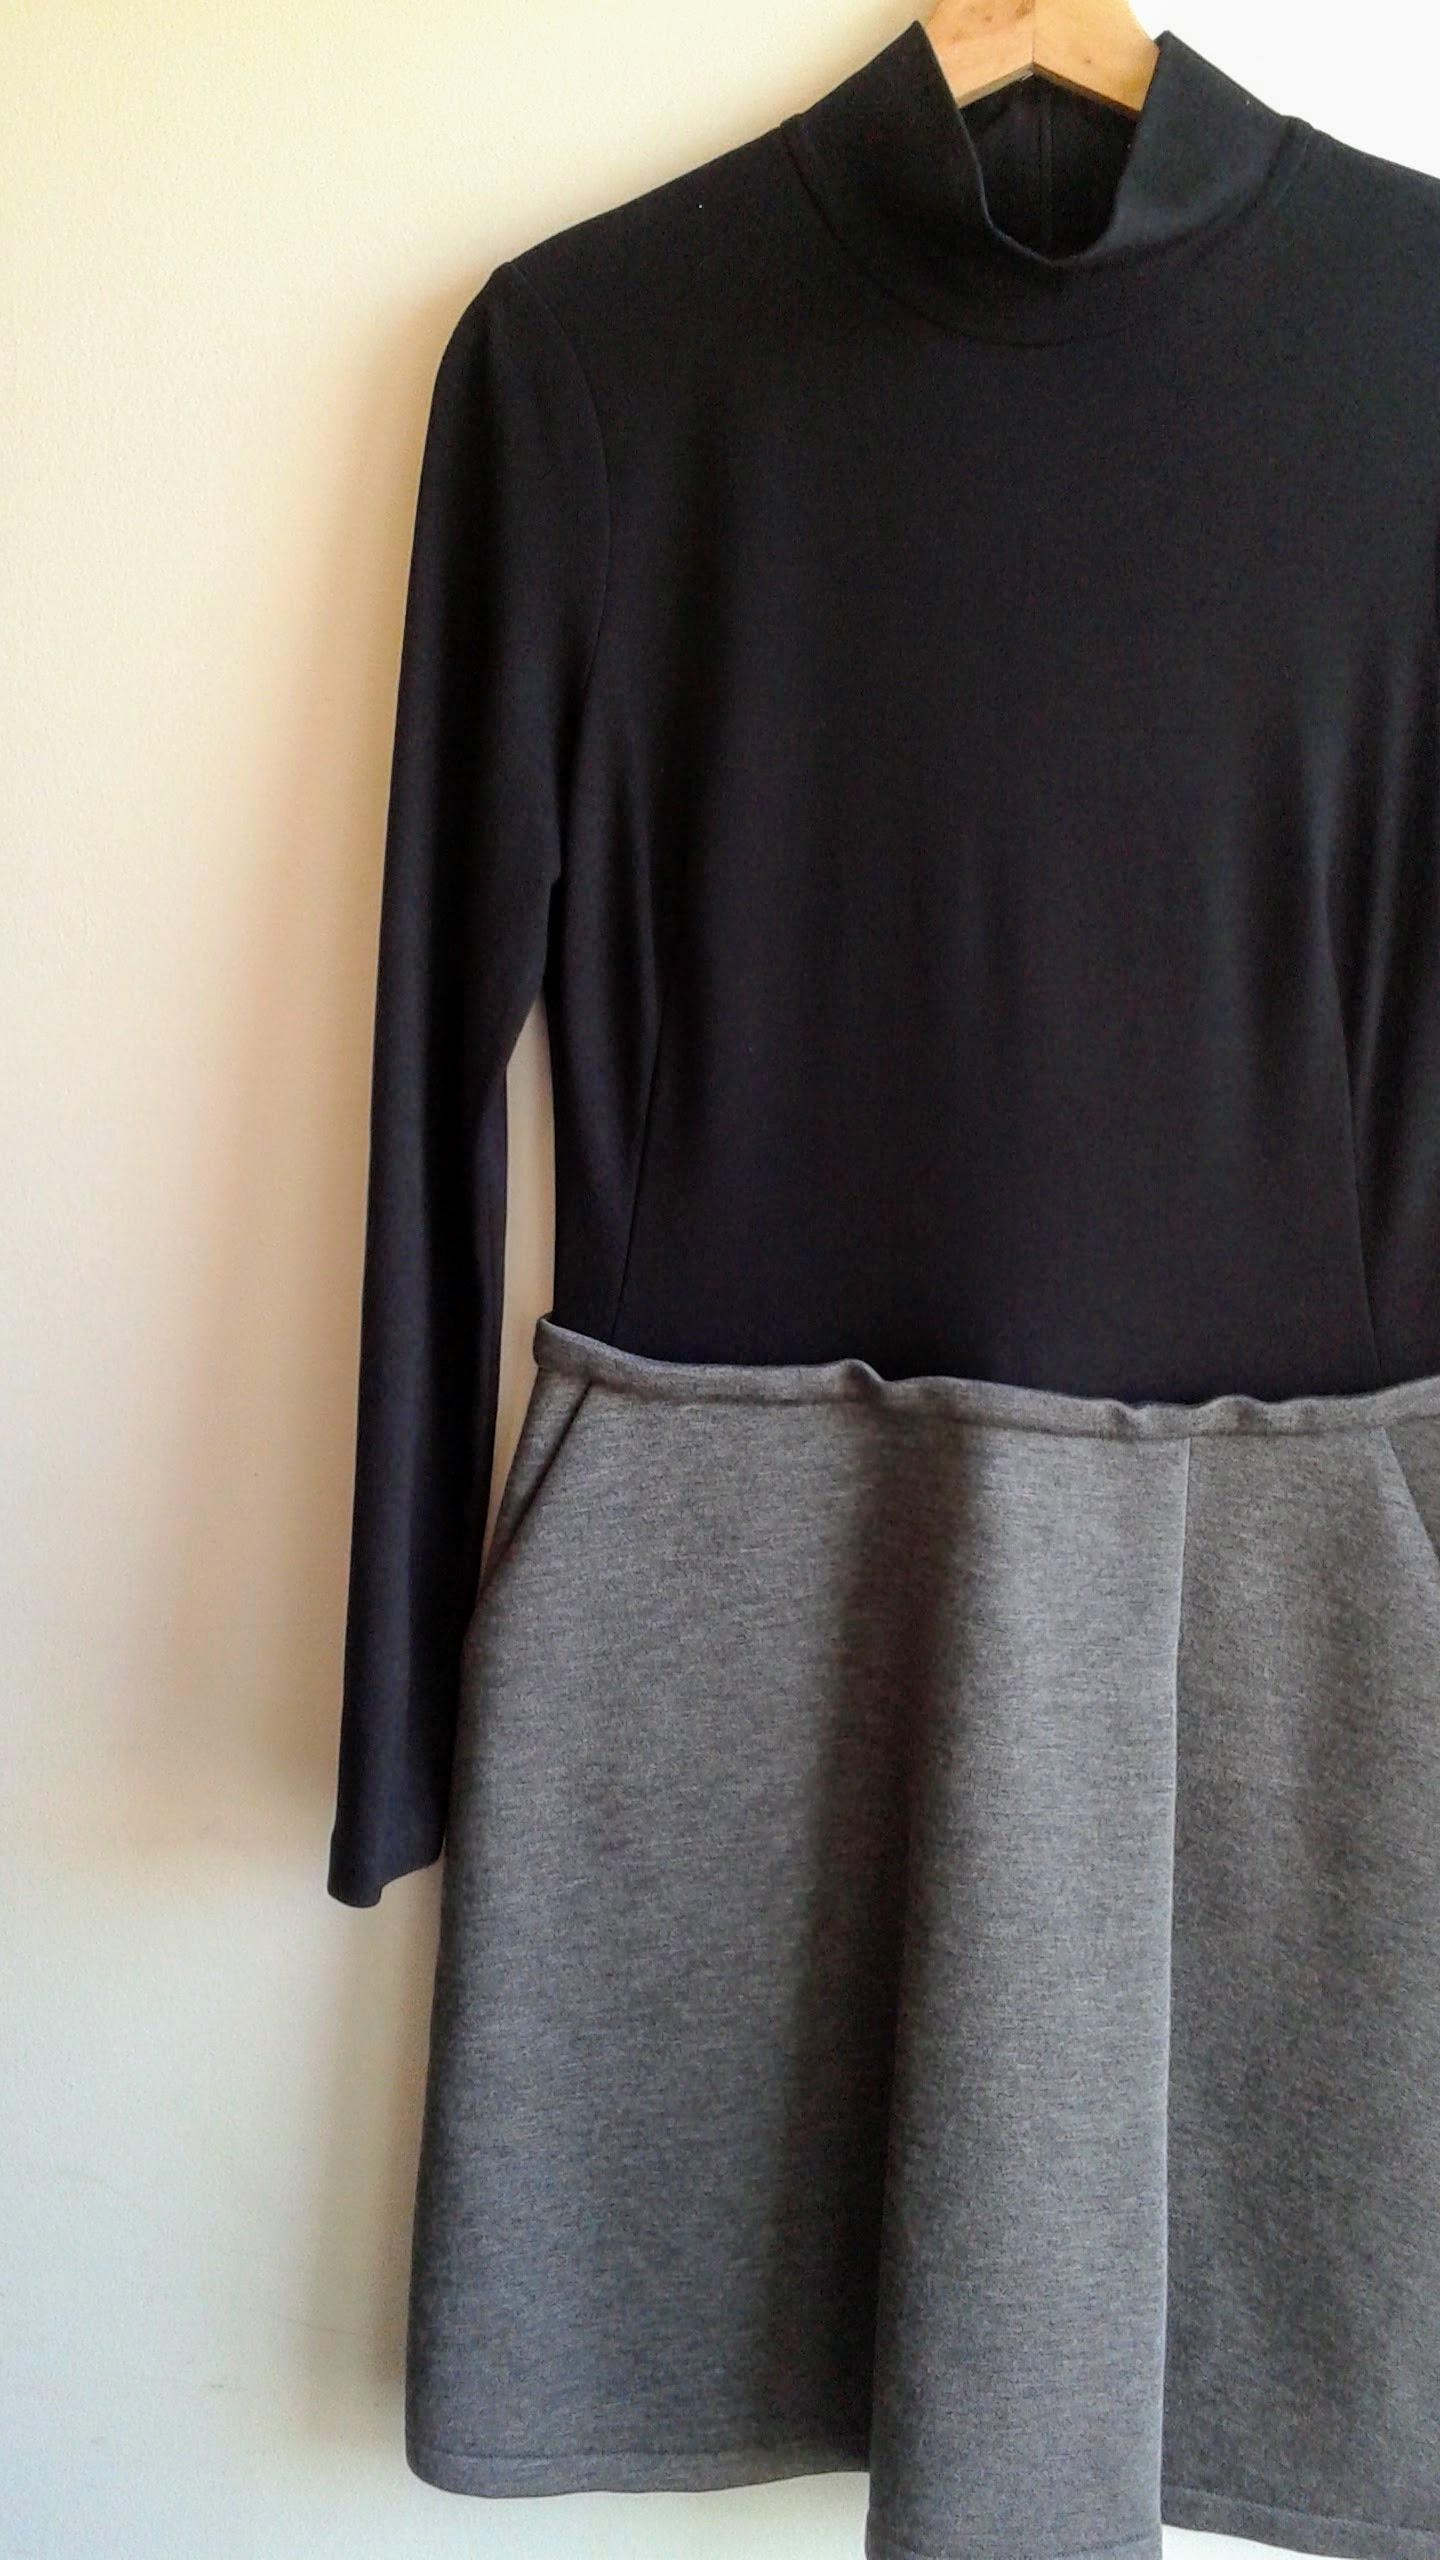 Jil Sander  dress; Size M, $48